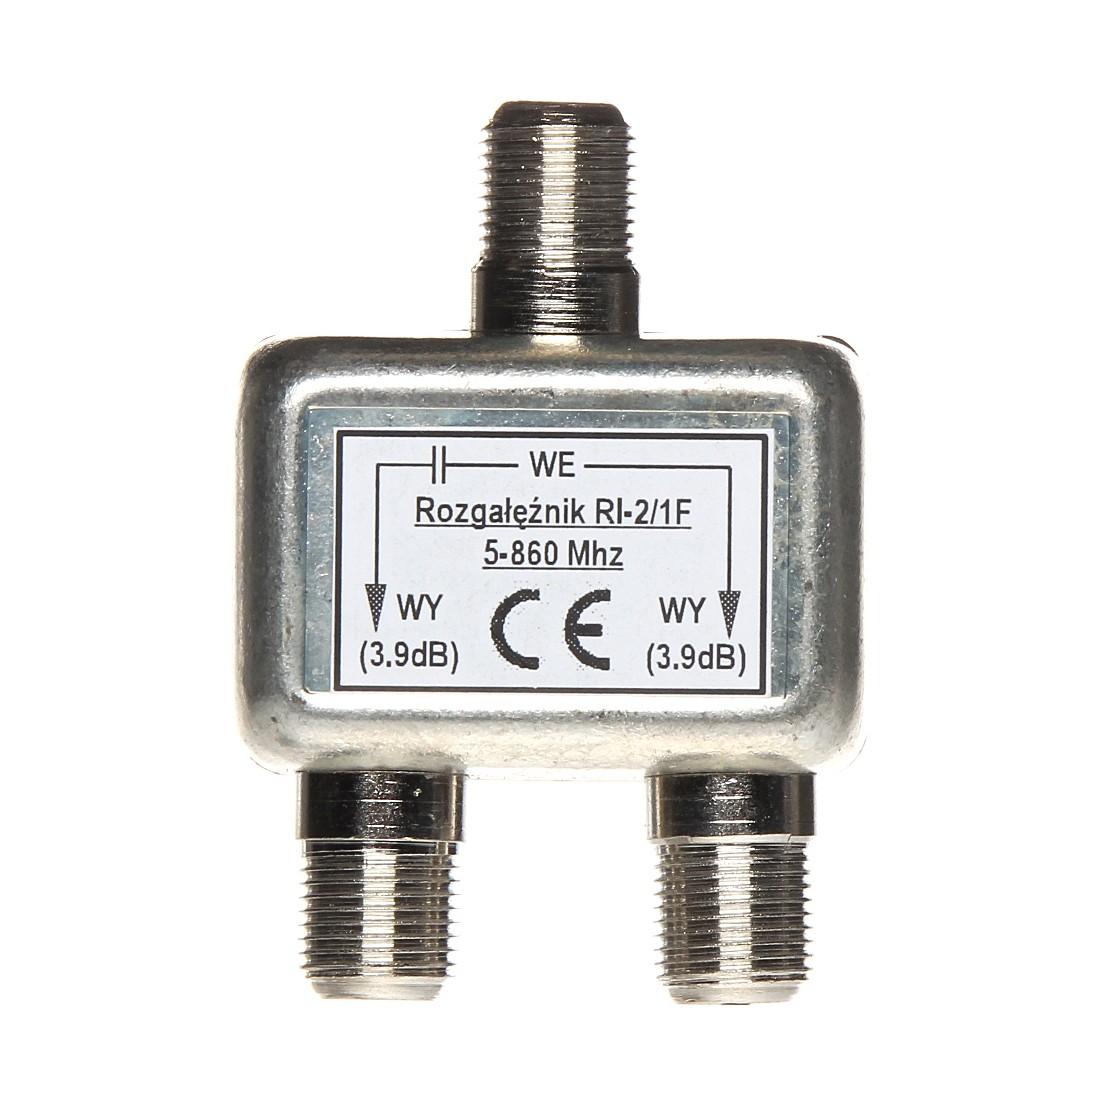 ROZBOCOVAC RI-2/1F